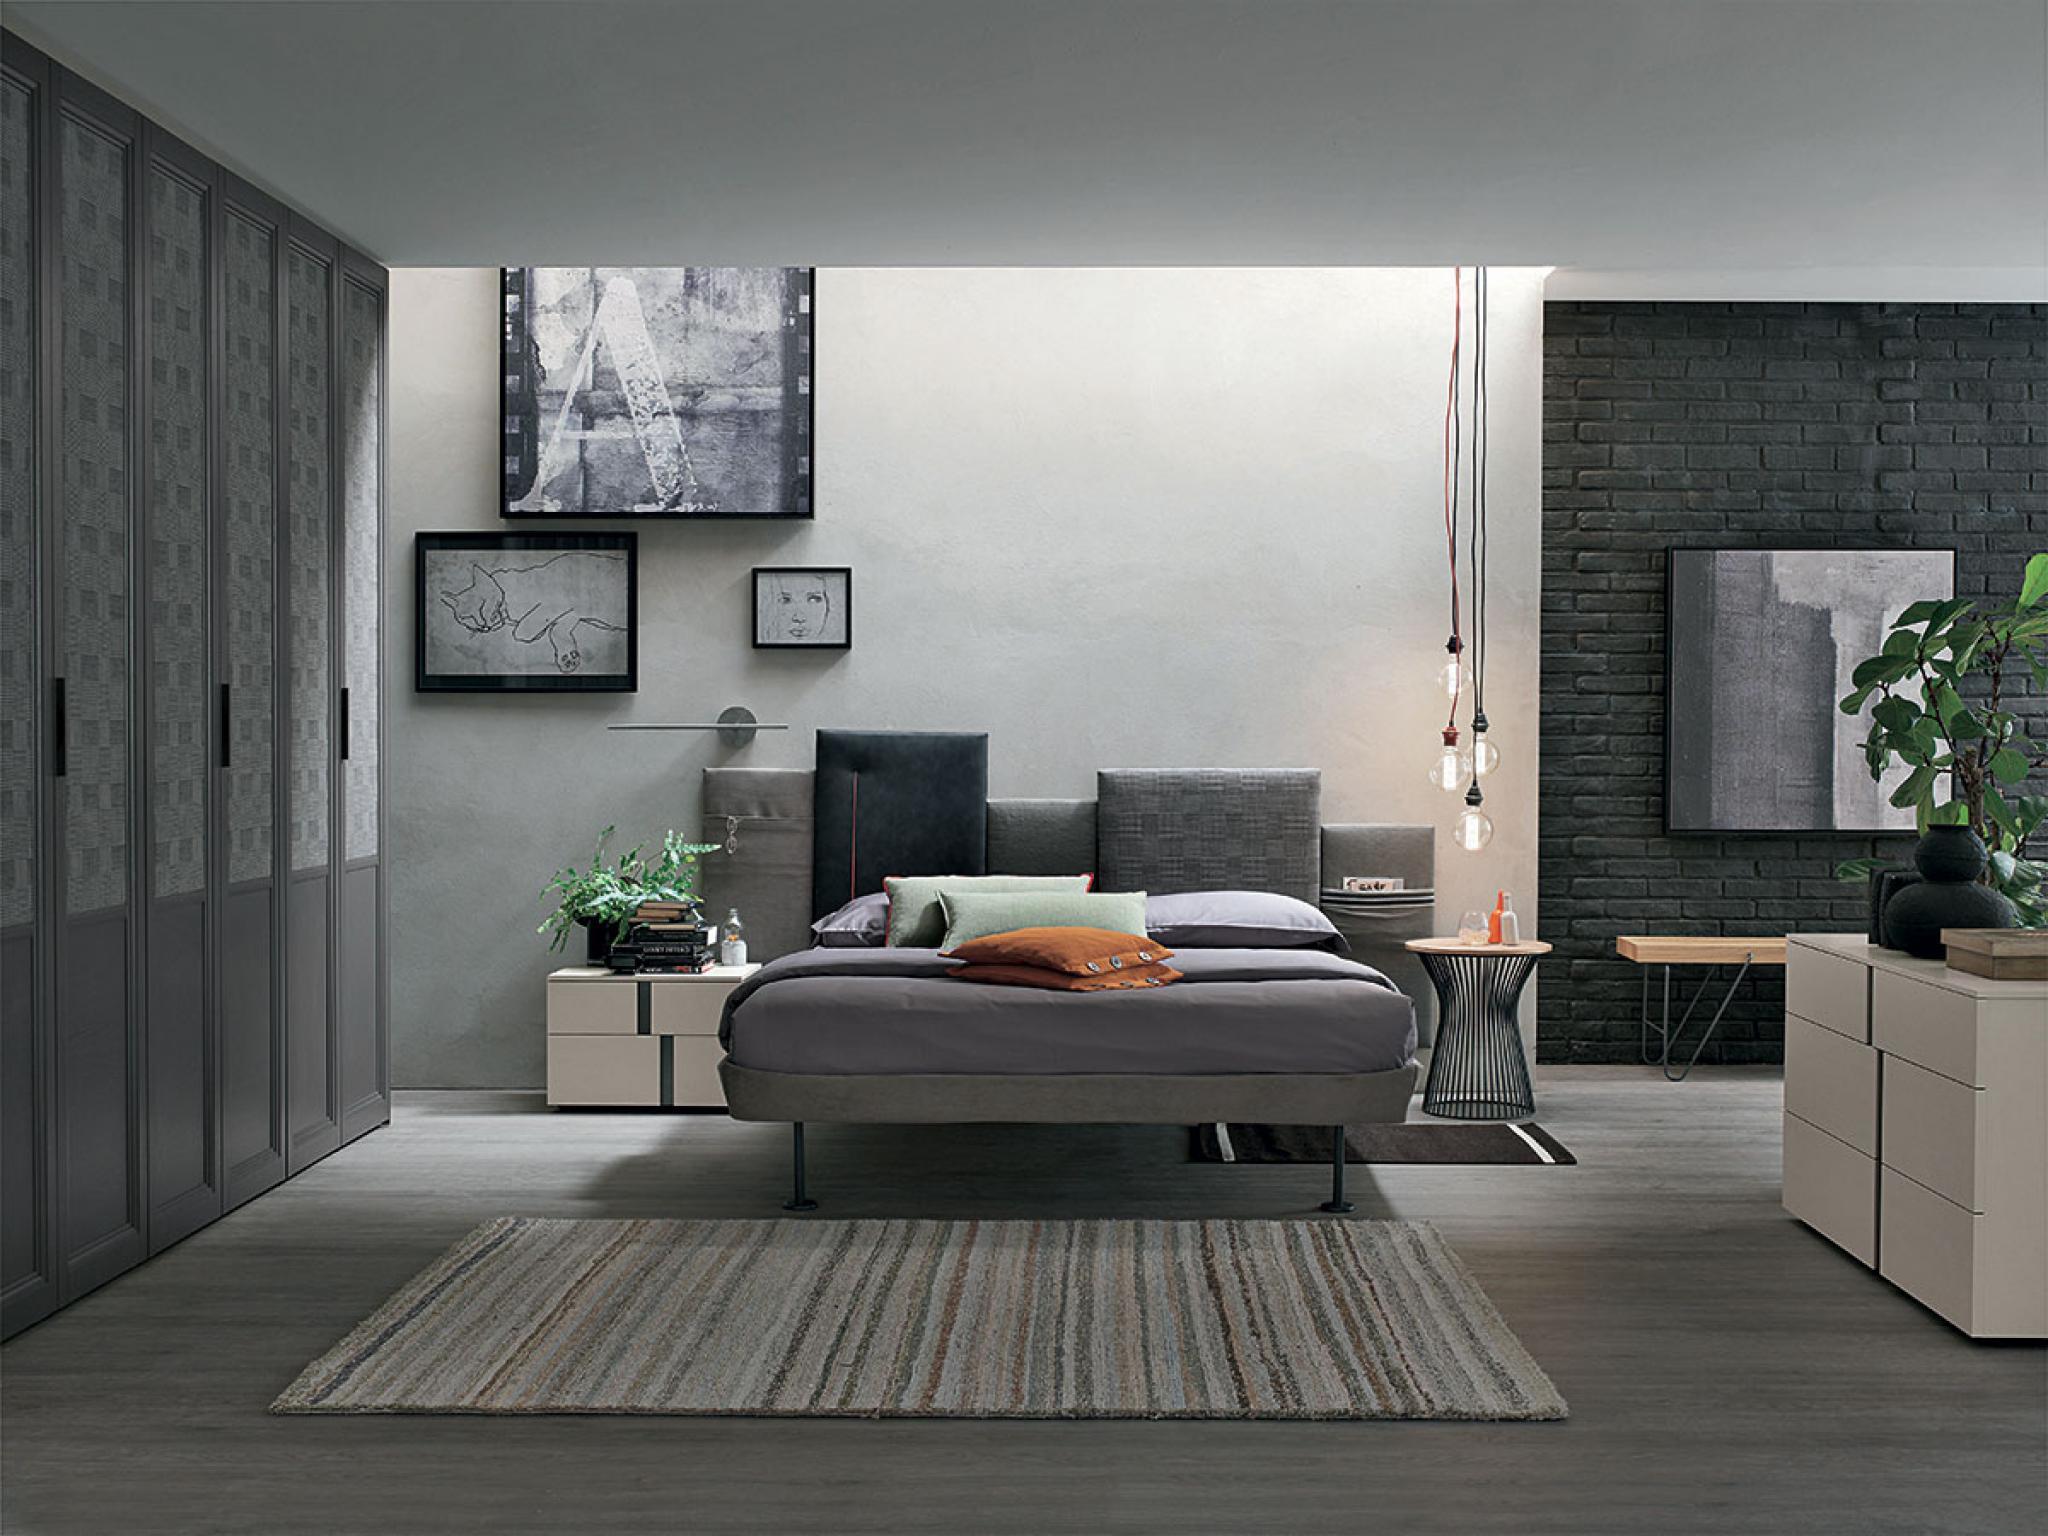 Camere da letto for Camere da letto moderne marche